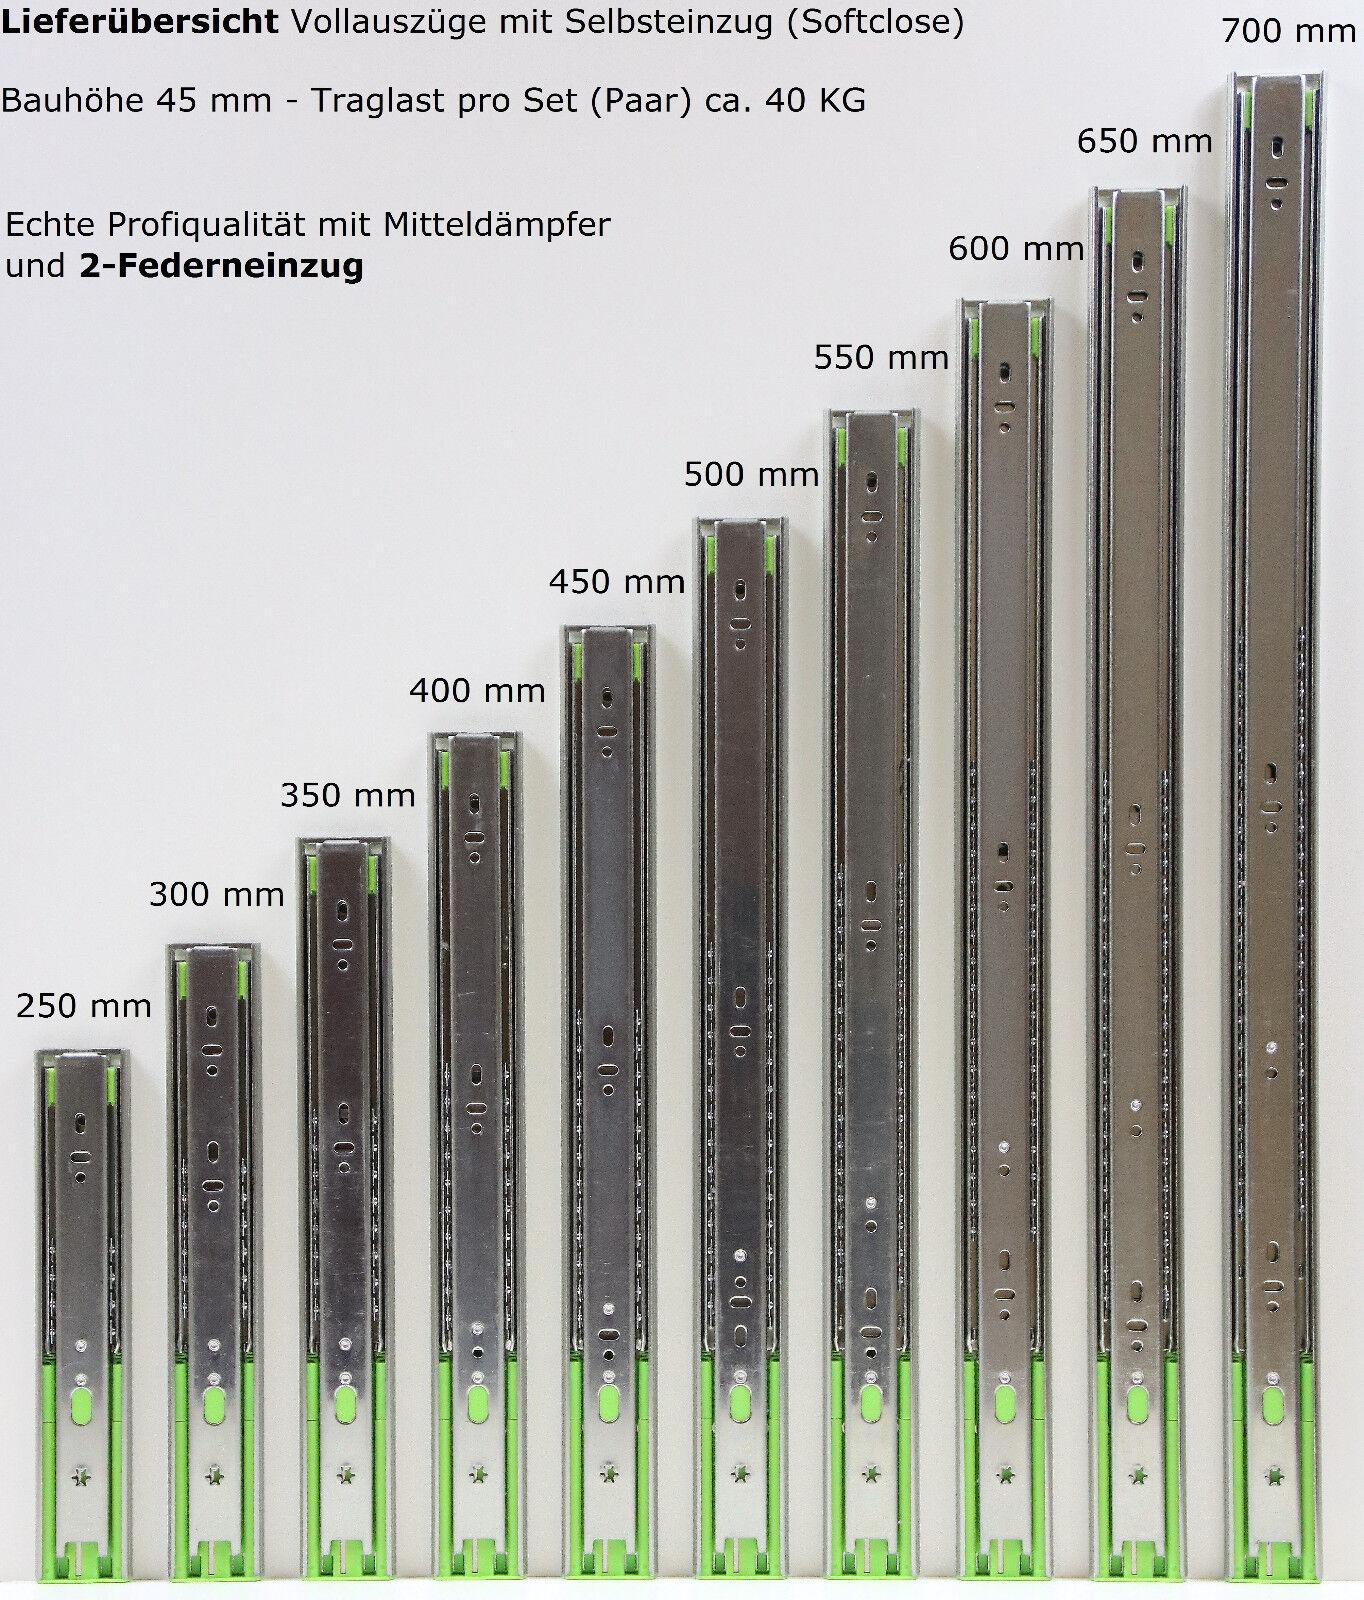 Schubladenauszüge Teleskopauszüge Selbsteinzug Dämpfer Vollauszug 250-700 mm